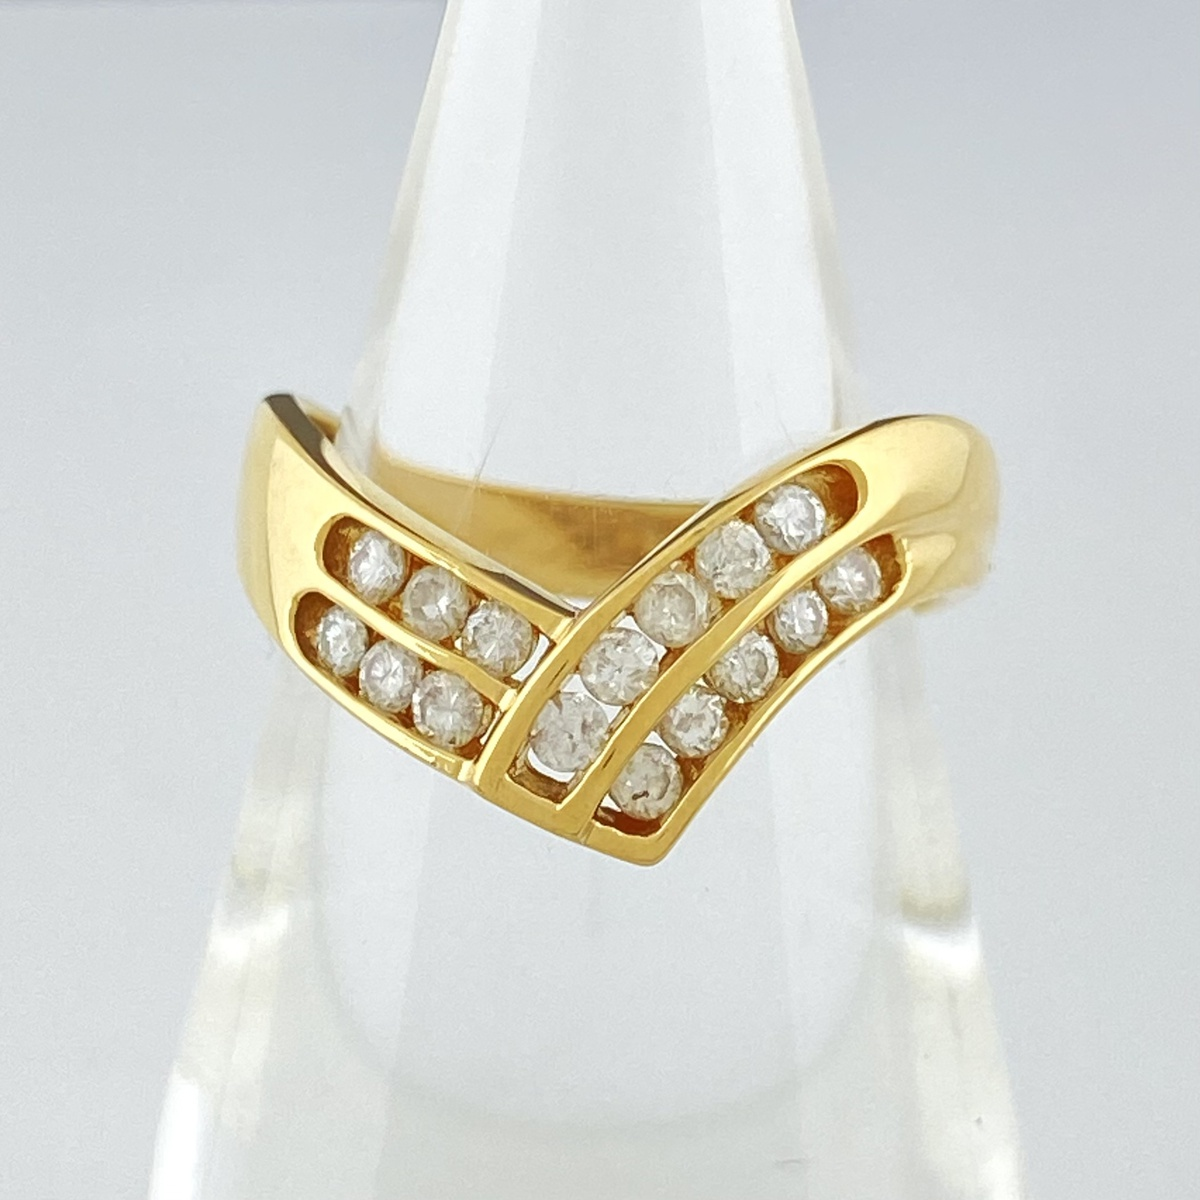 USED 送料無料 メレダイヤ 予約販売品 デザインリング K18 全品送料無料 イエローゴールド 指輪 ダイヤモンド YG 9.5号 レディース 中古 リング